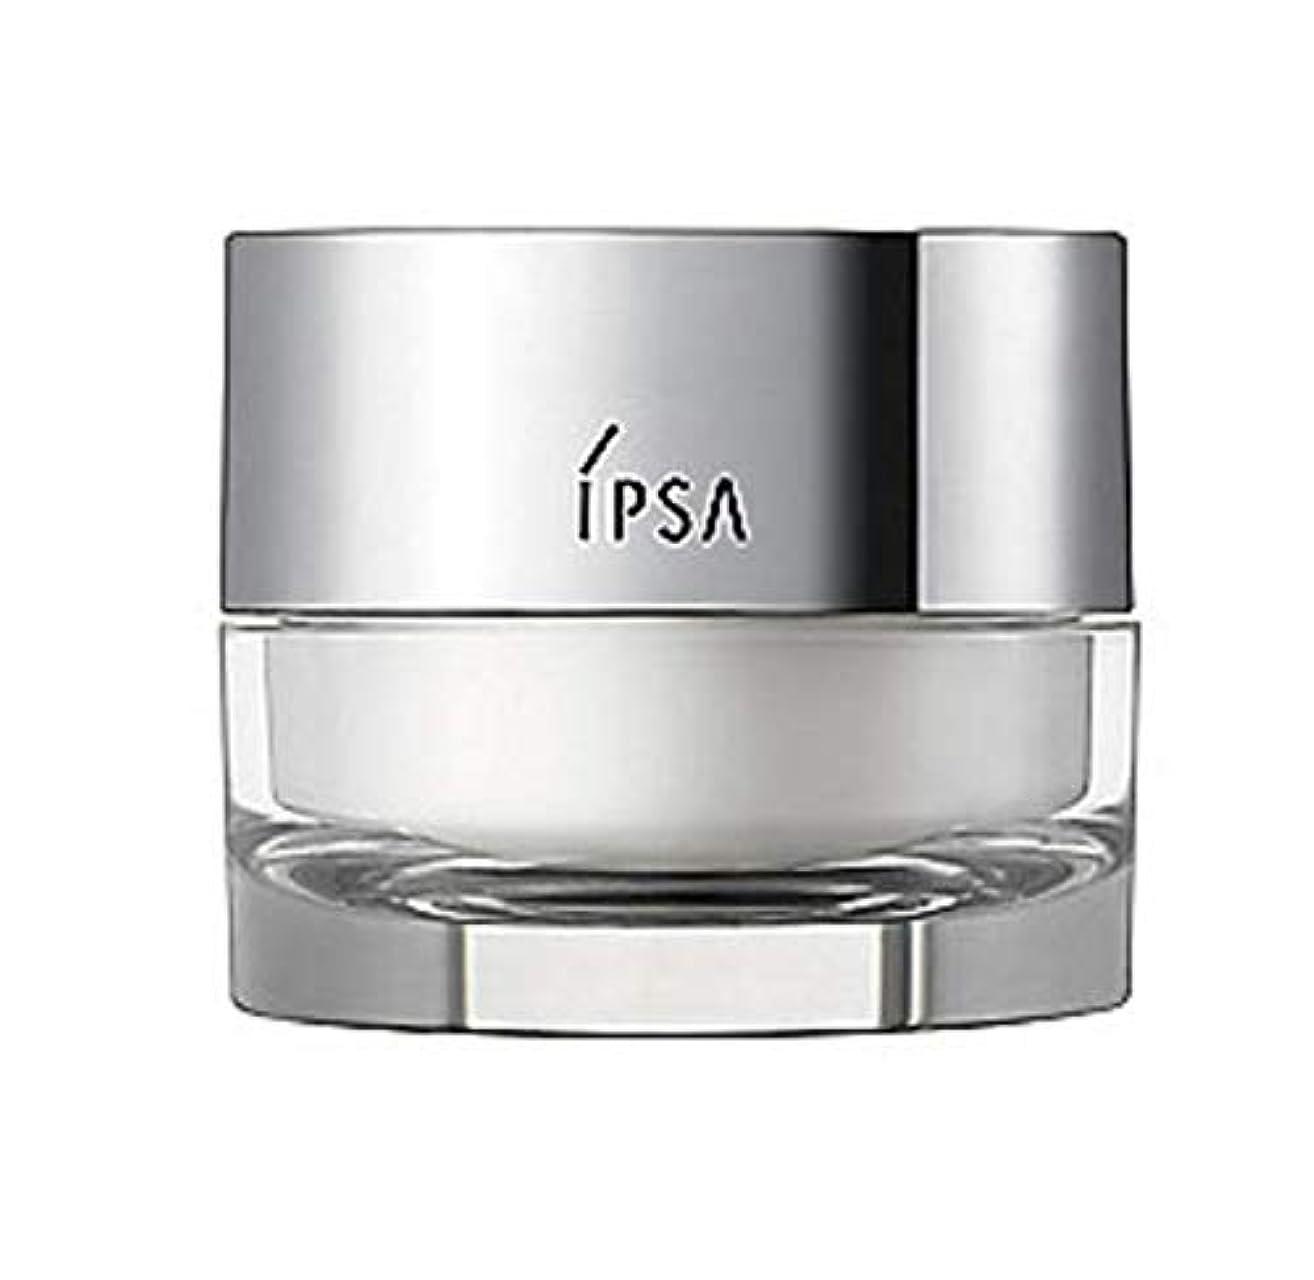 不明瞭勉強する針【IPSA(イプサ)】ターゲットエフェクト S_30g(クリーム)